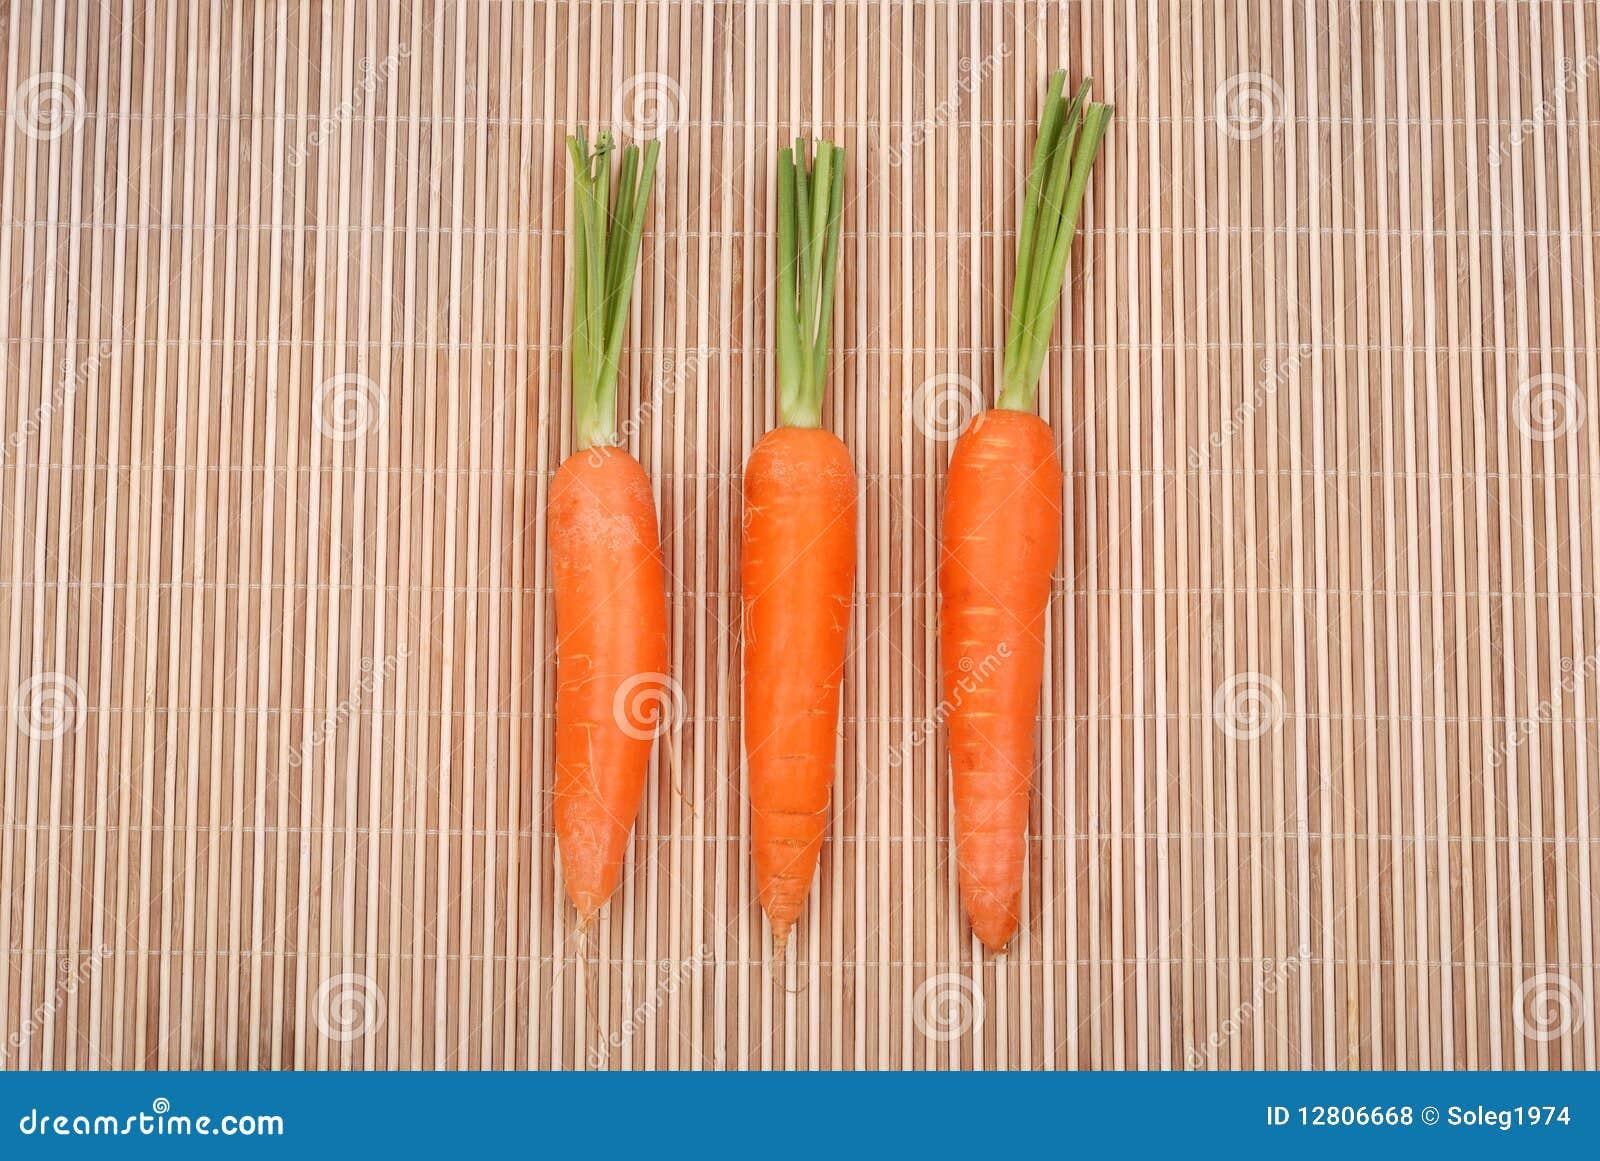 Três cenouras em uma esteira